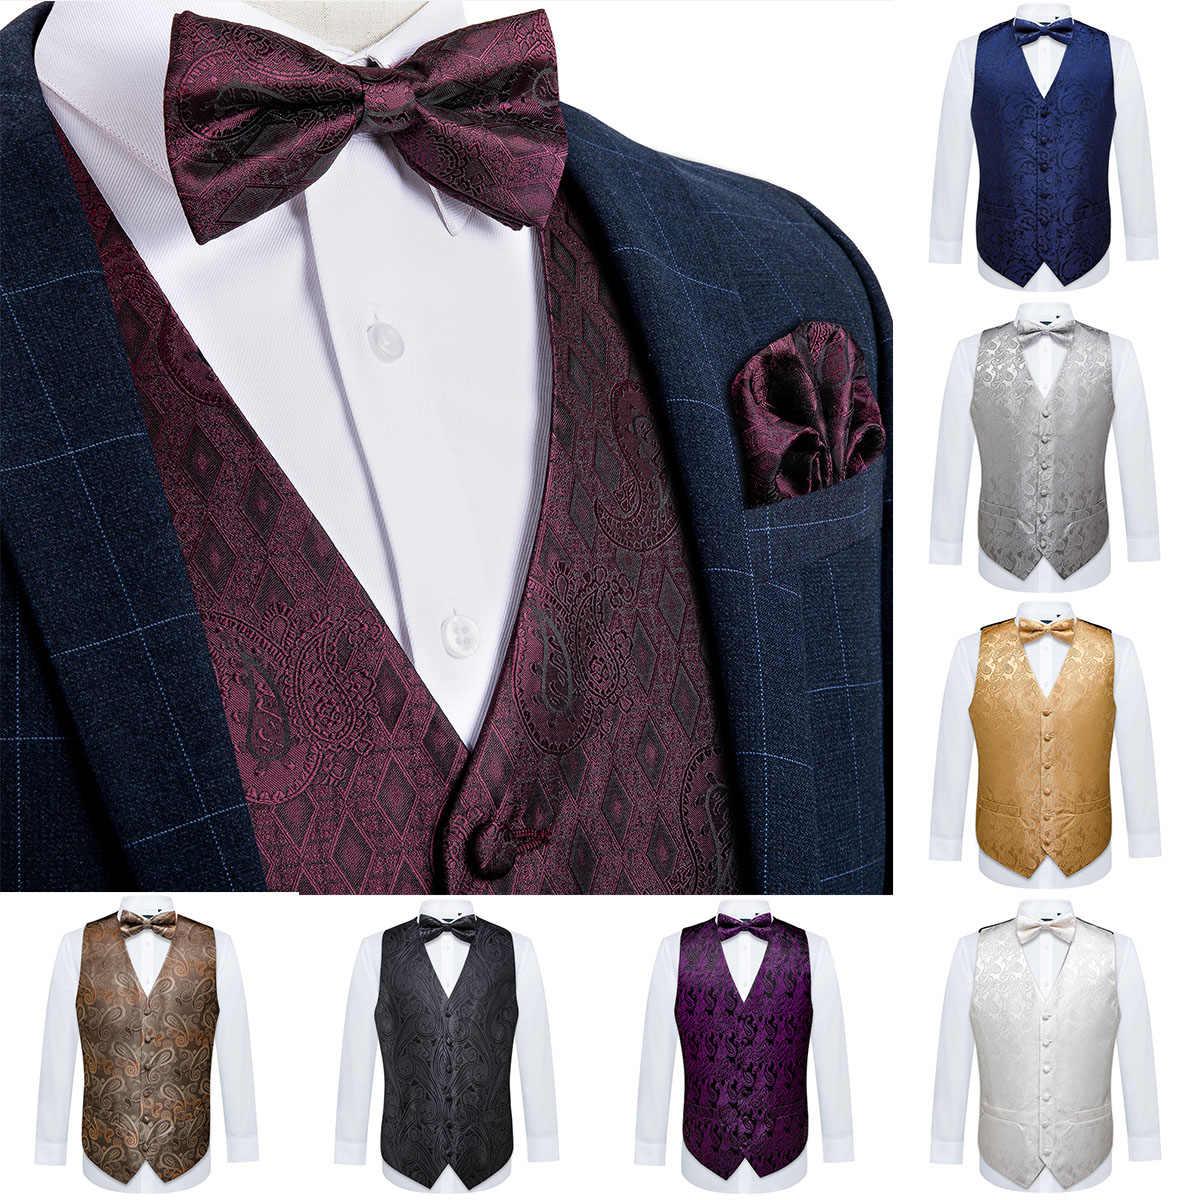 Mens Dress Vest /& BowTie Solid PEACH Color Bow Tie Set for Suit or Tuxedo